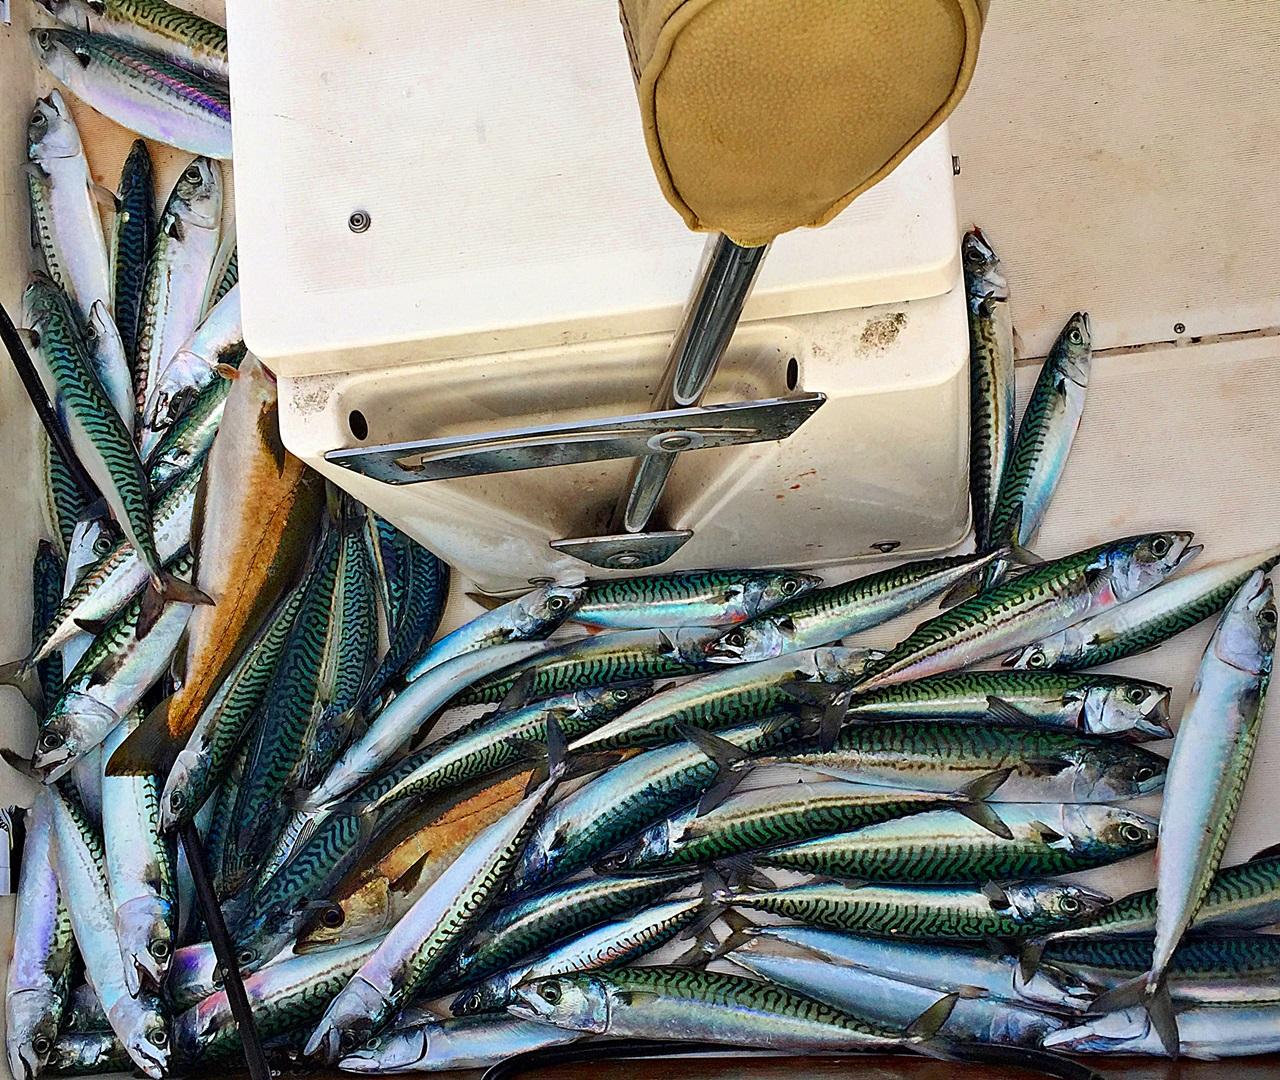 Makrellen opp til ca 700g